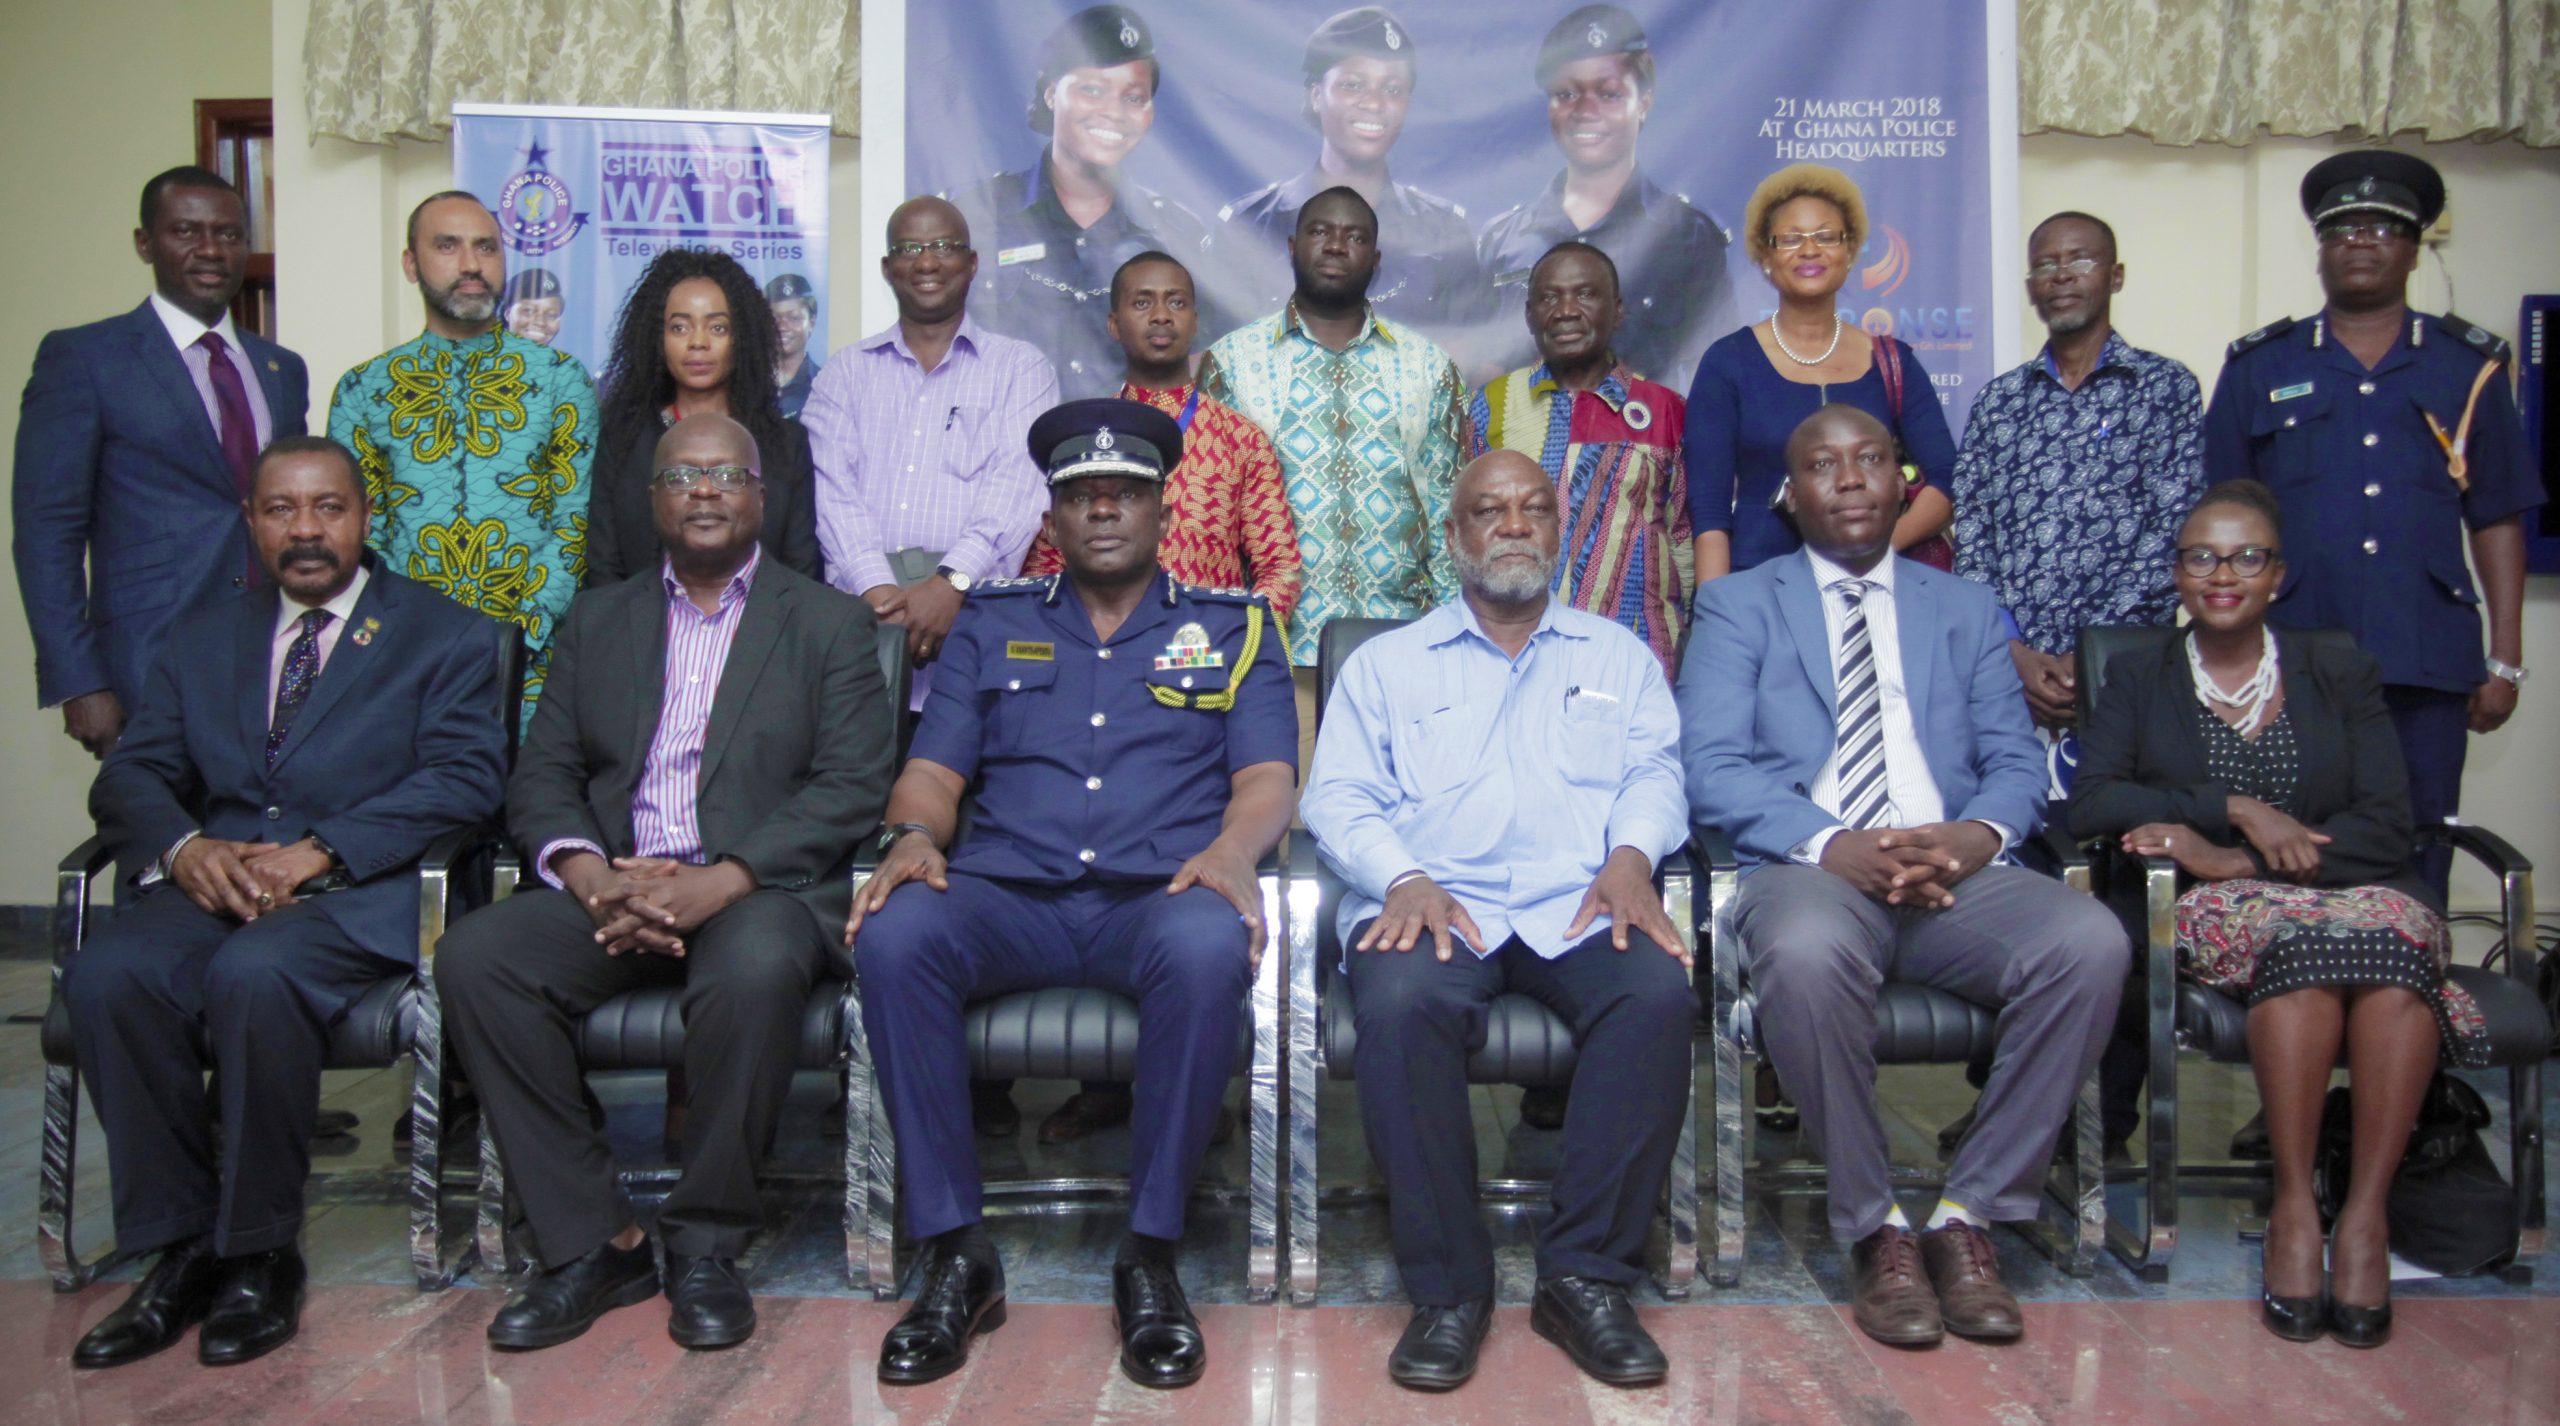 e.TV Ghana to Show Ghana Police Watch